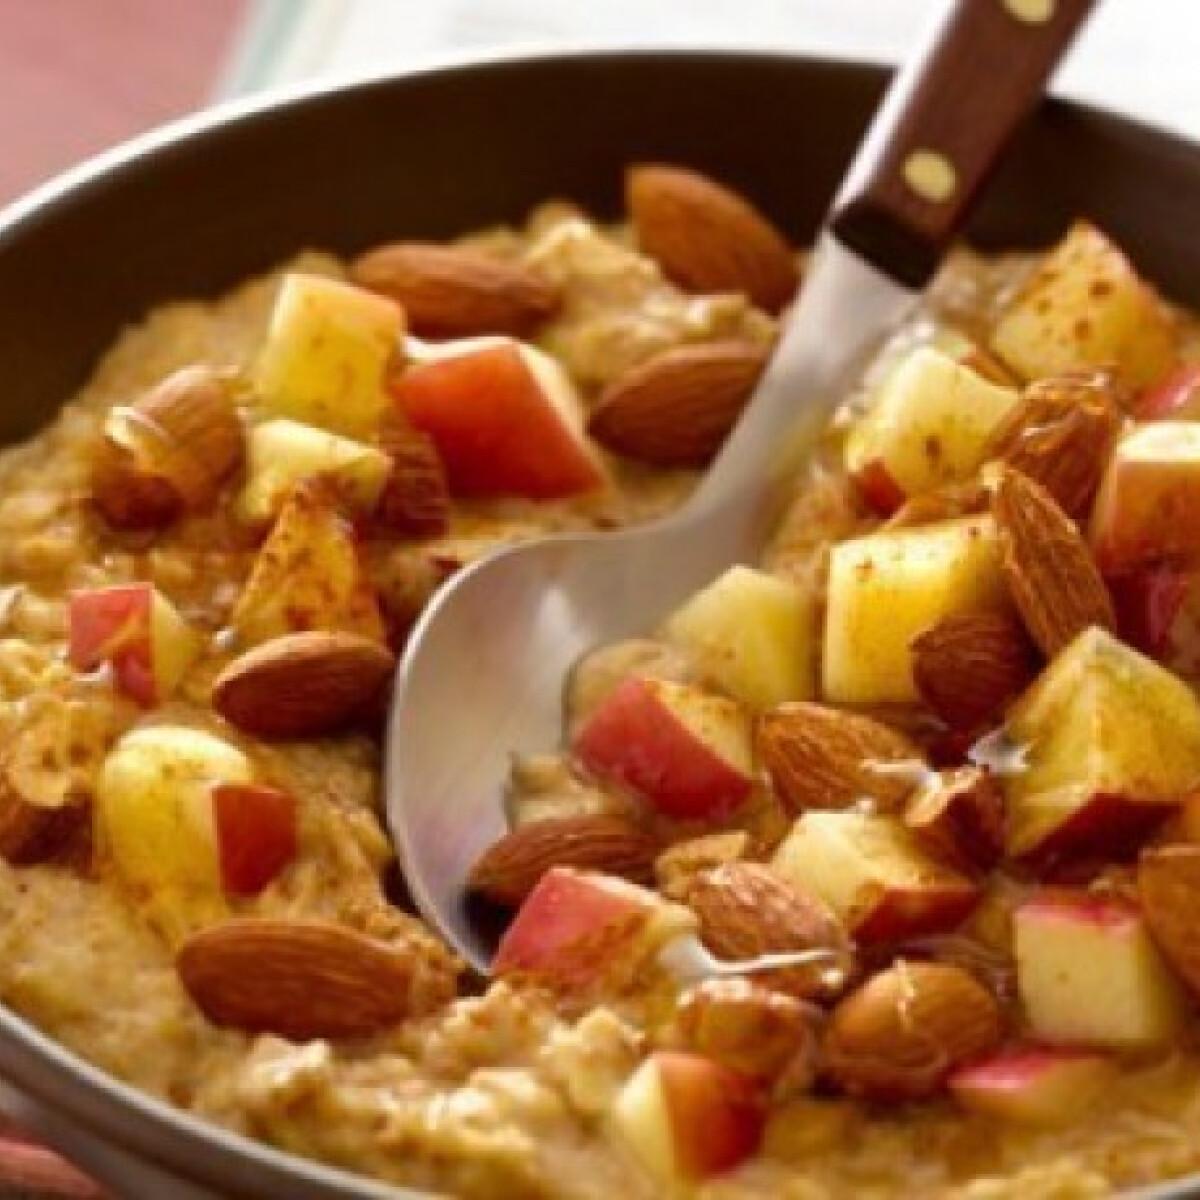 Ezen a képen: Almás-zabpelyhes diétás reggeli